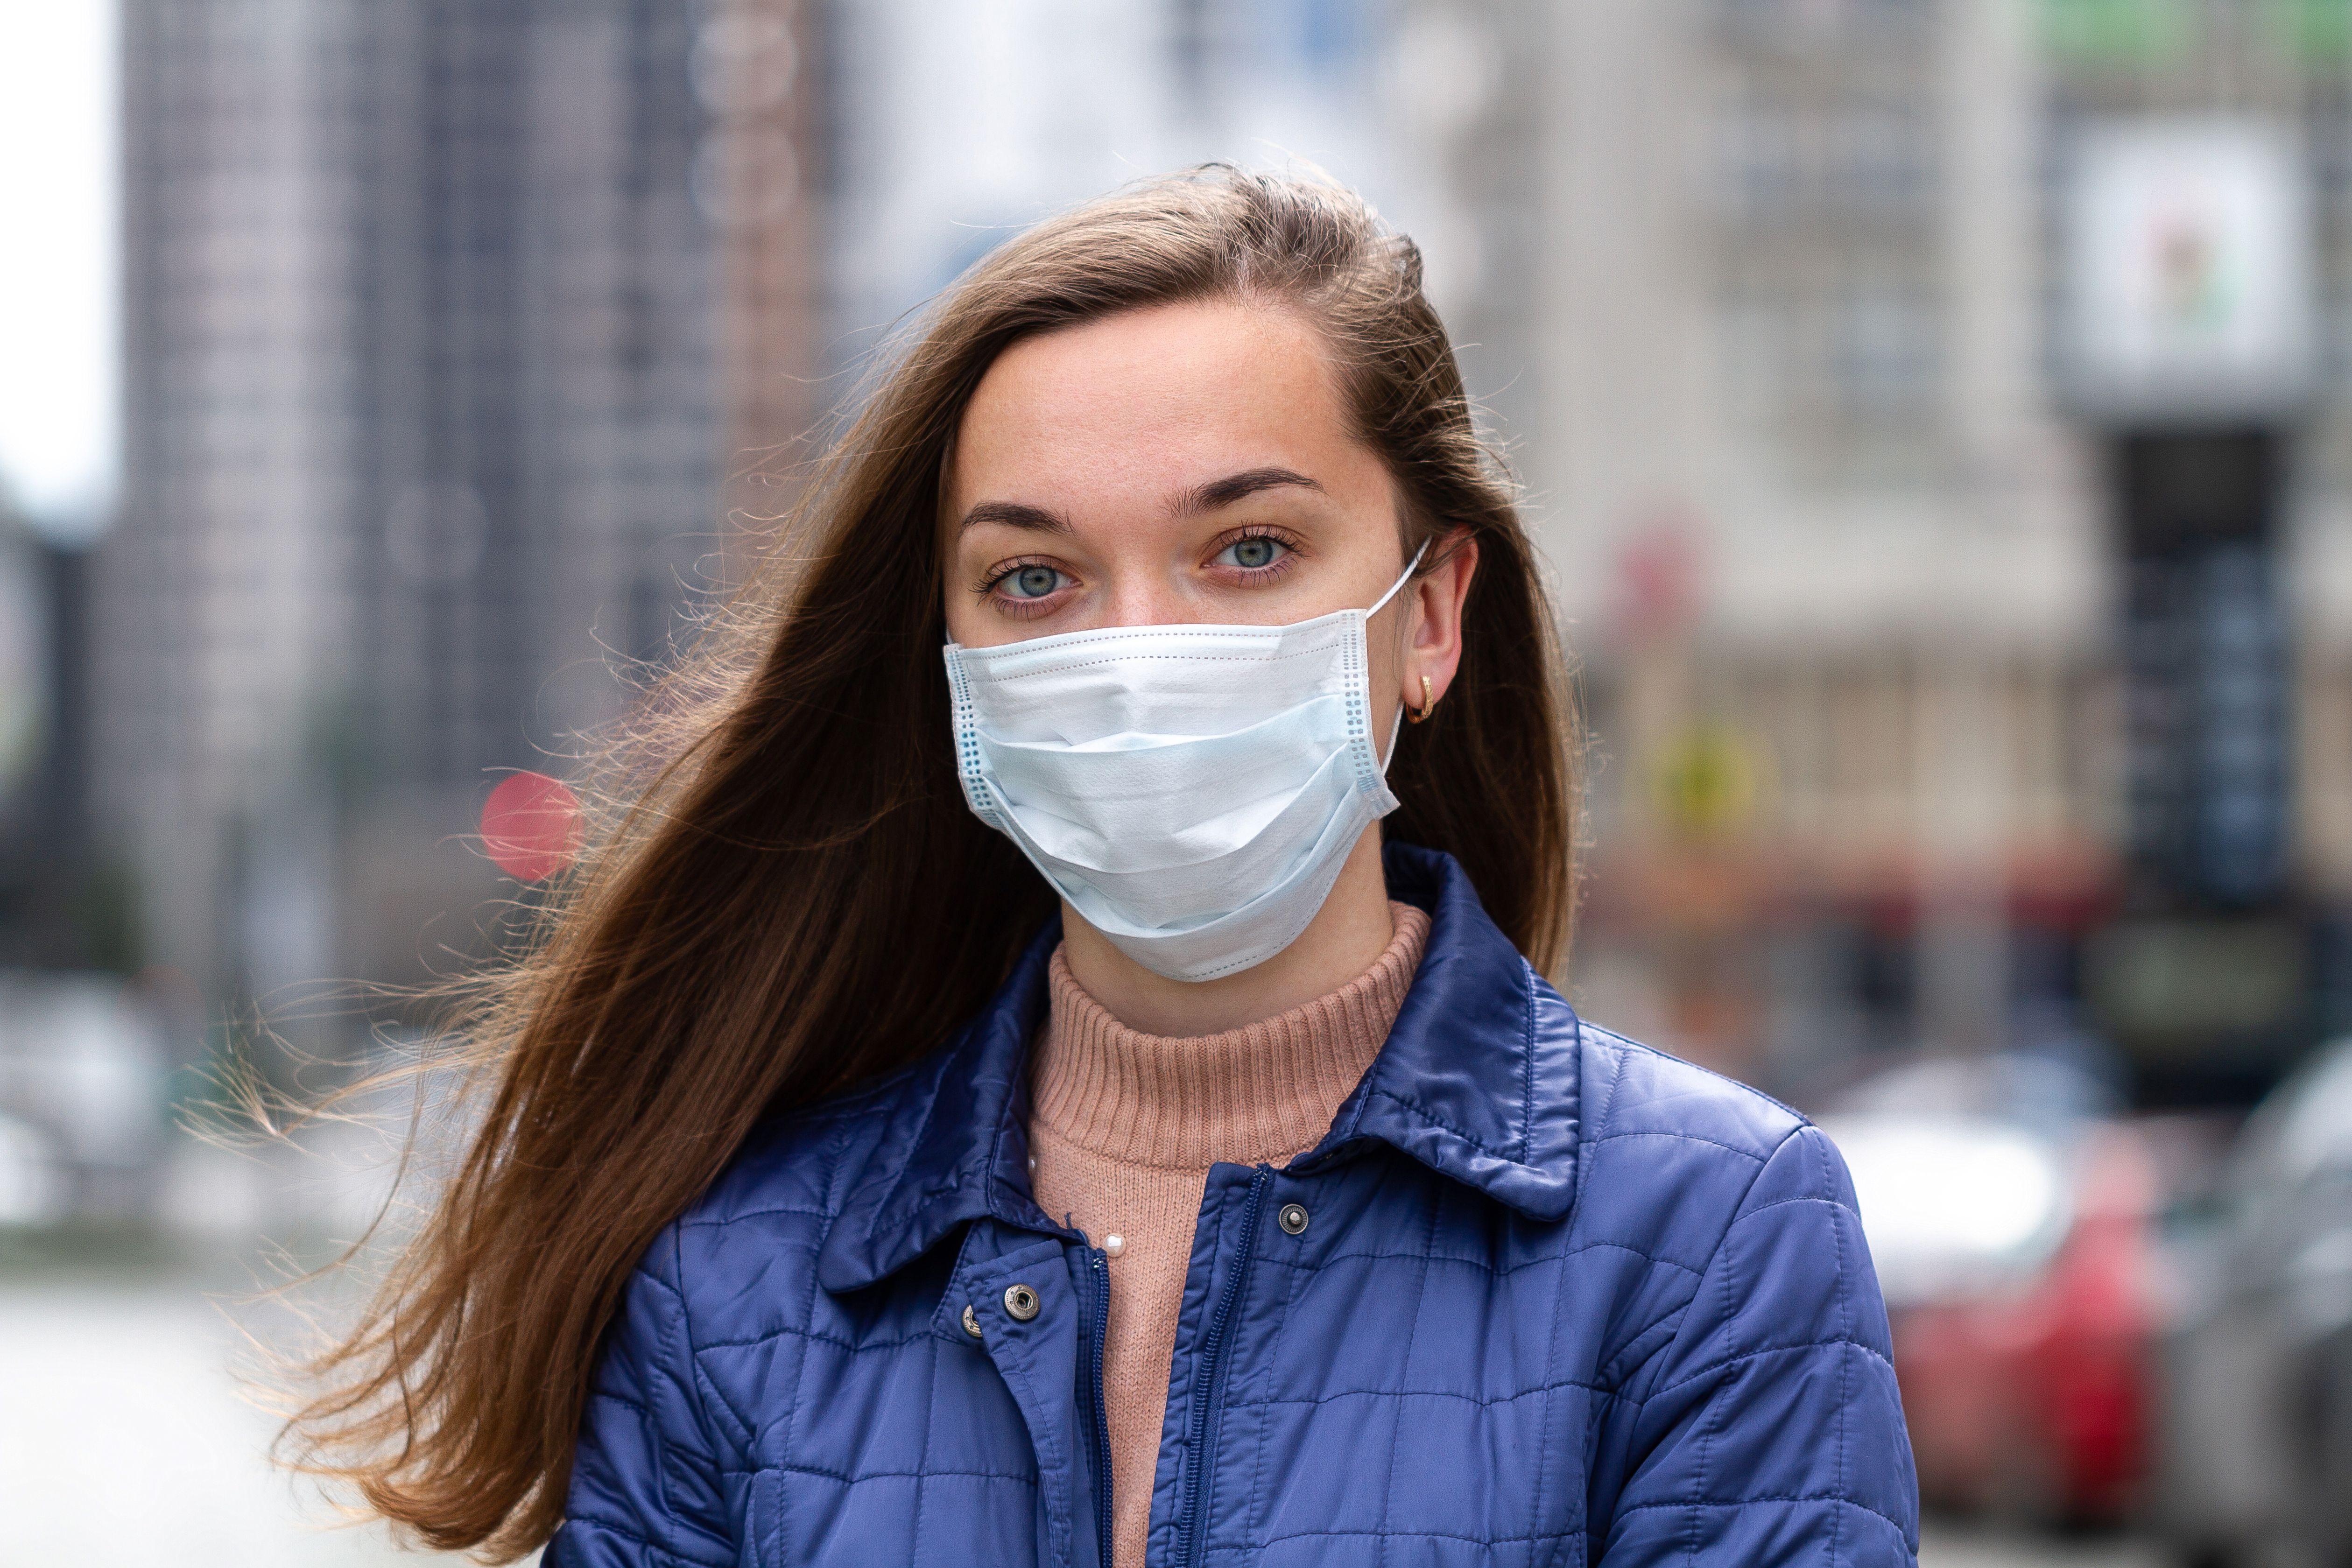 Szczepienia są czynnością dotykającą prywatnej sfery pracownika (fot. Shutterstock)